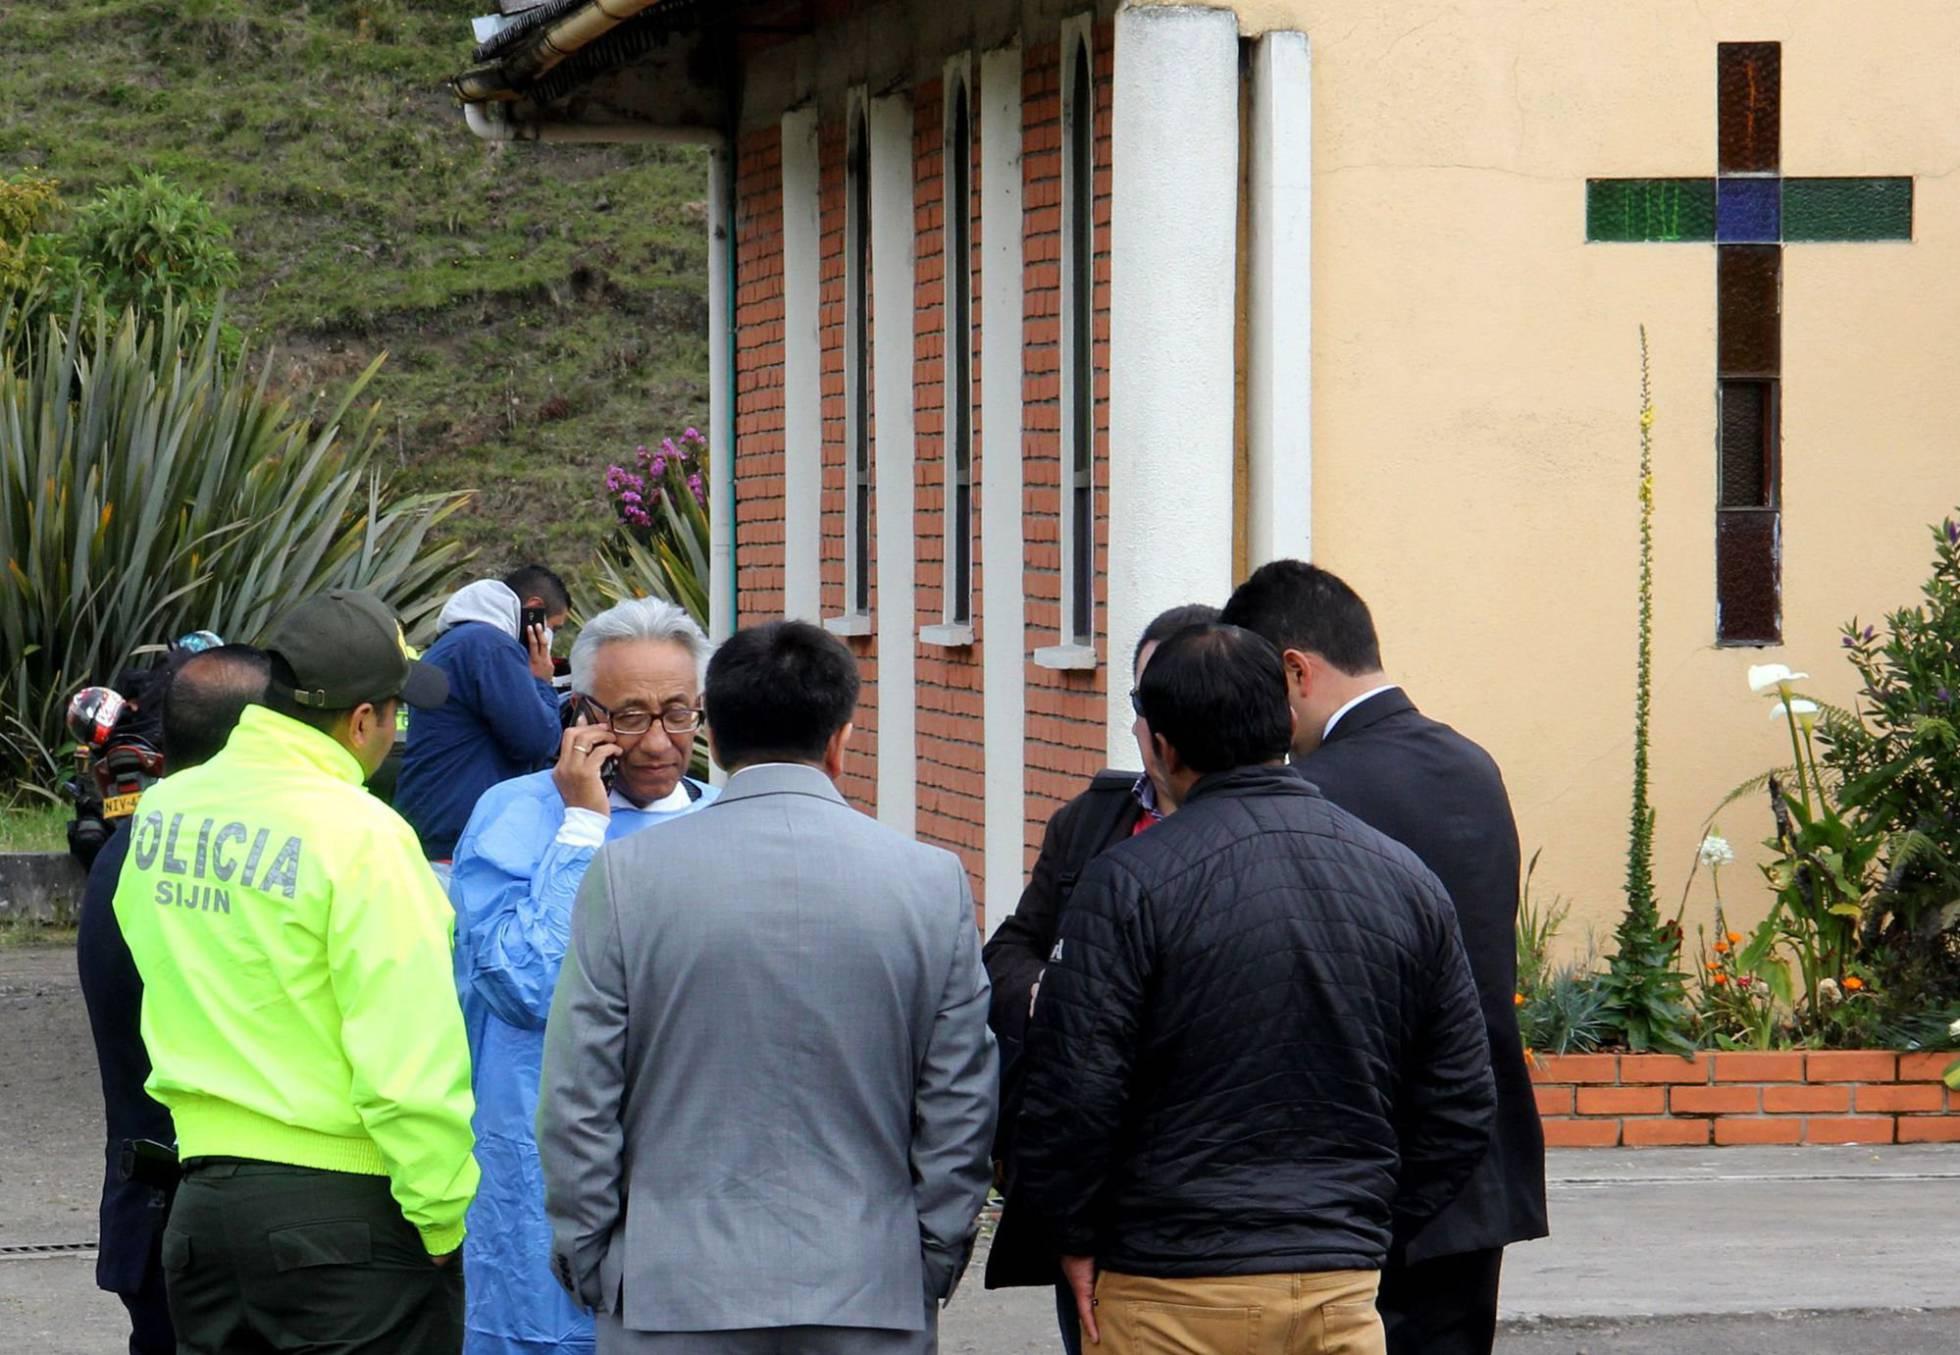 Encontrados los cuerpos de la pareja ecuatoriana secuestrada en la frontera con Colombia